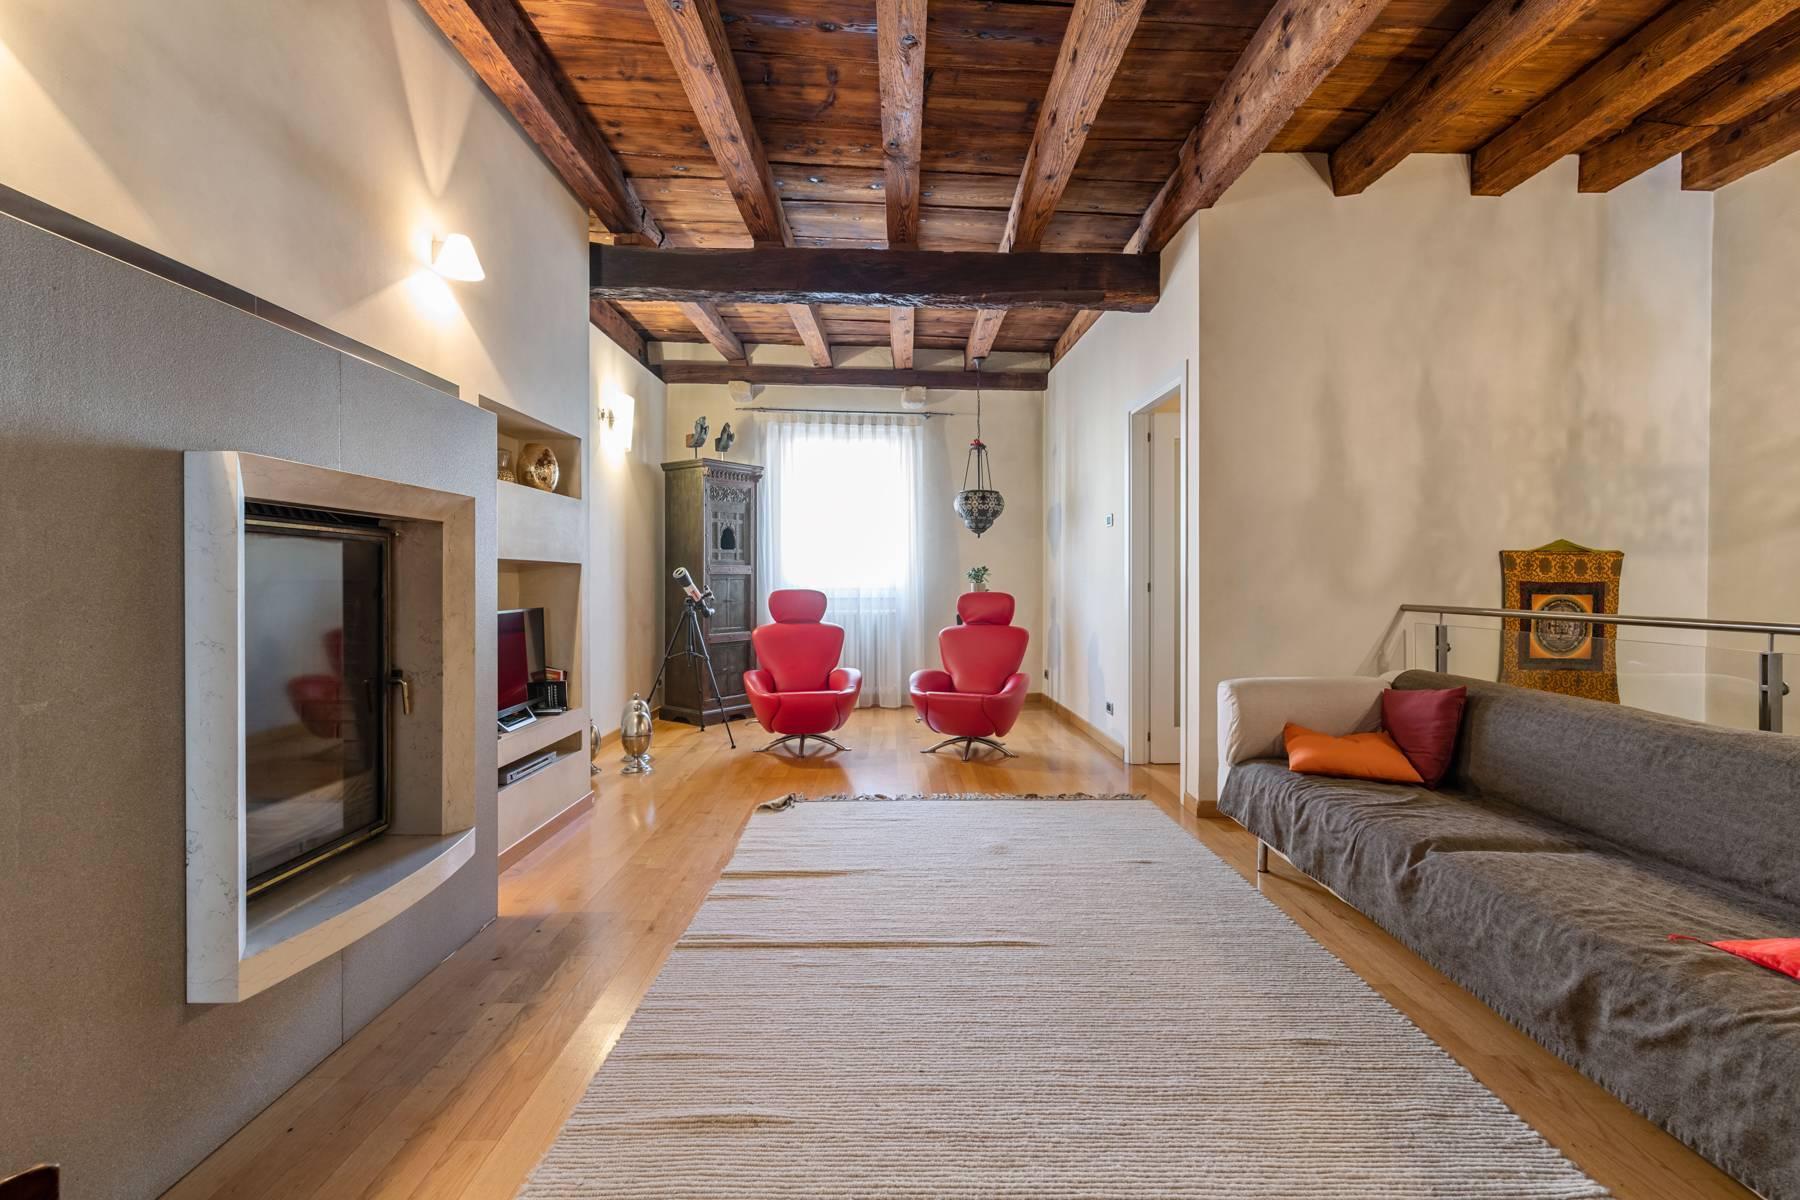 Renoviertes Gebäude aus dem 15. Jahrhundert im historischen Zentrum von Serravalle, Heimat des Malers Antonello Da Serravalle - 4